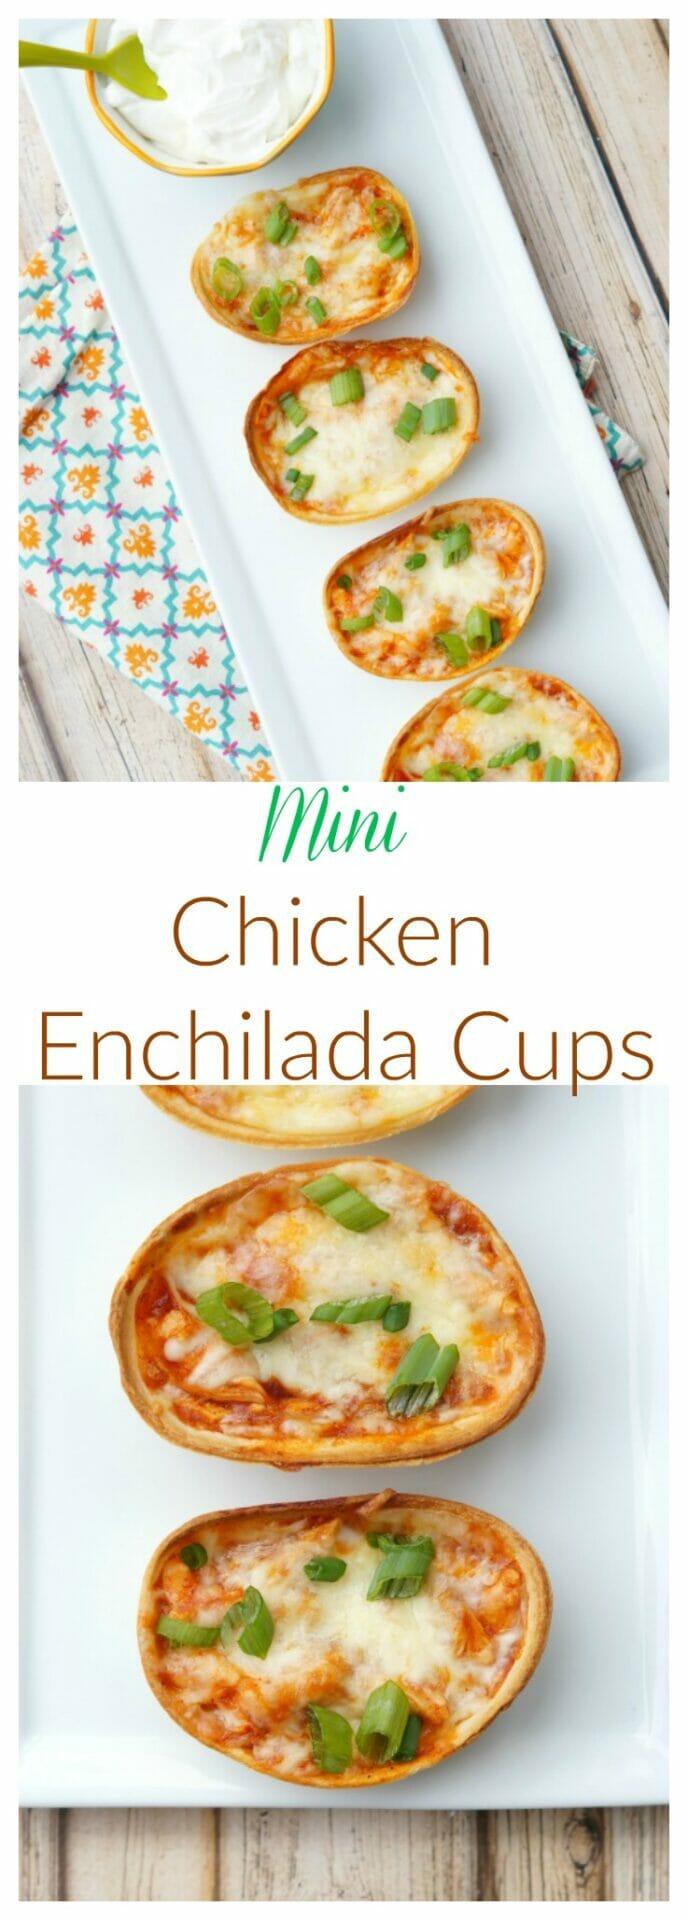 Easy Mini Chicken Enchilada Cups